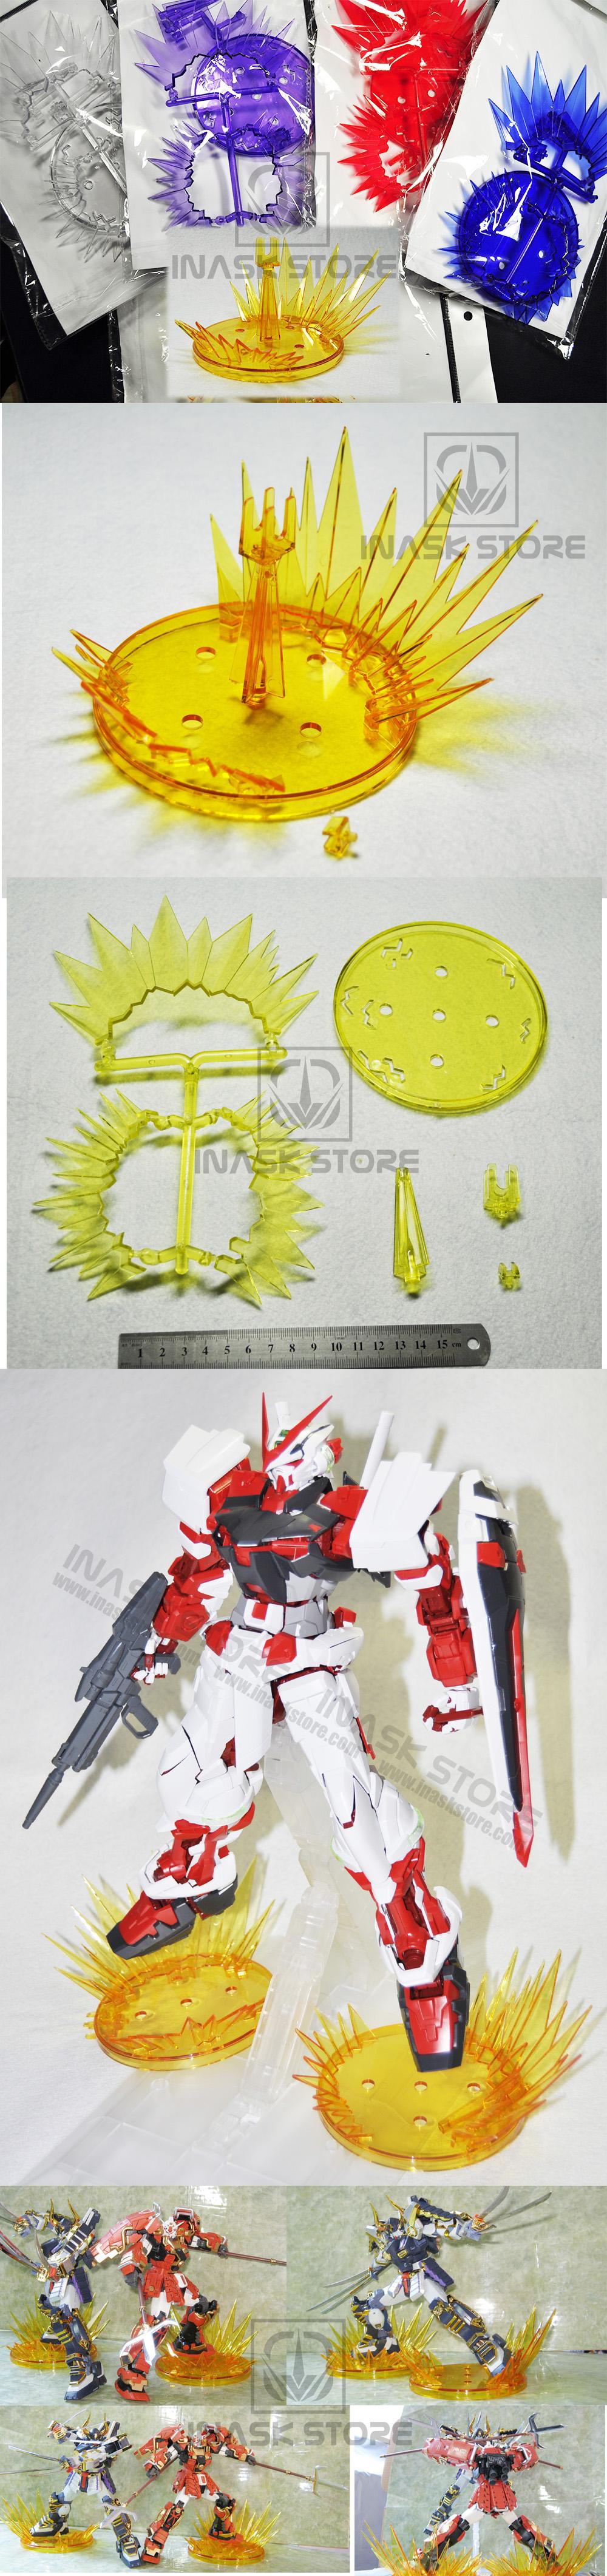 z21-1.jpg